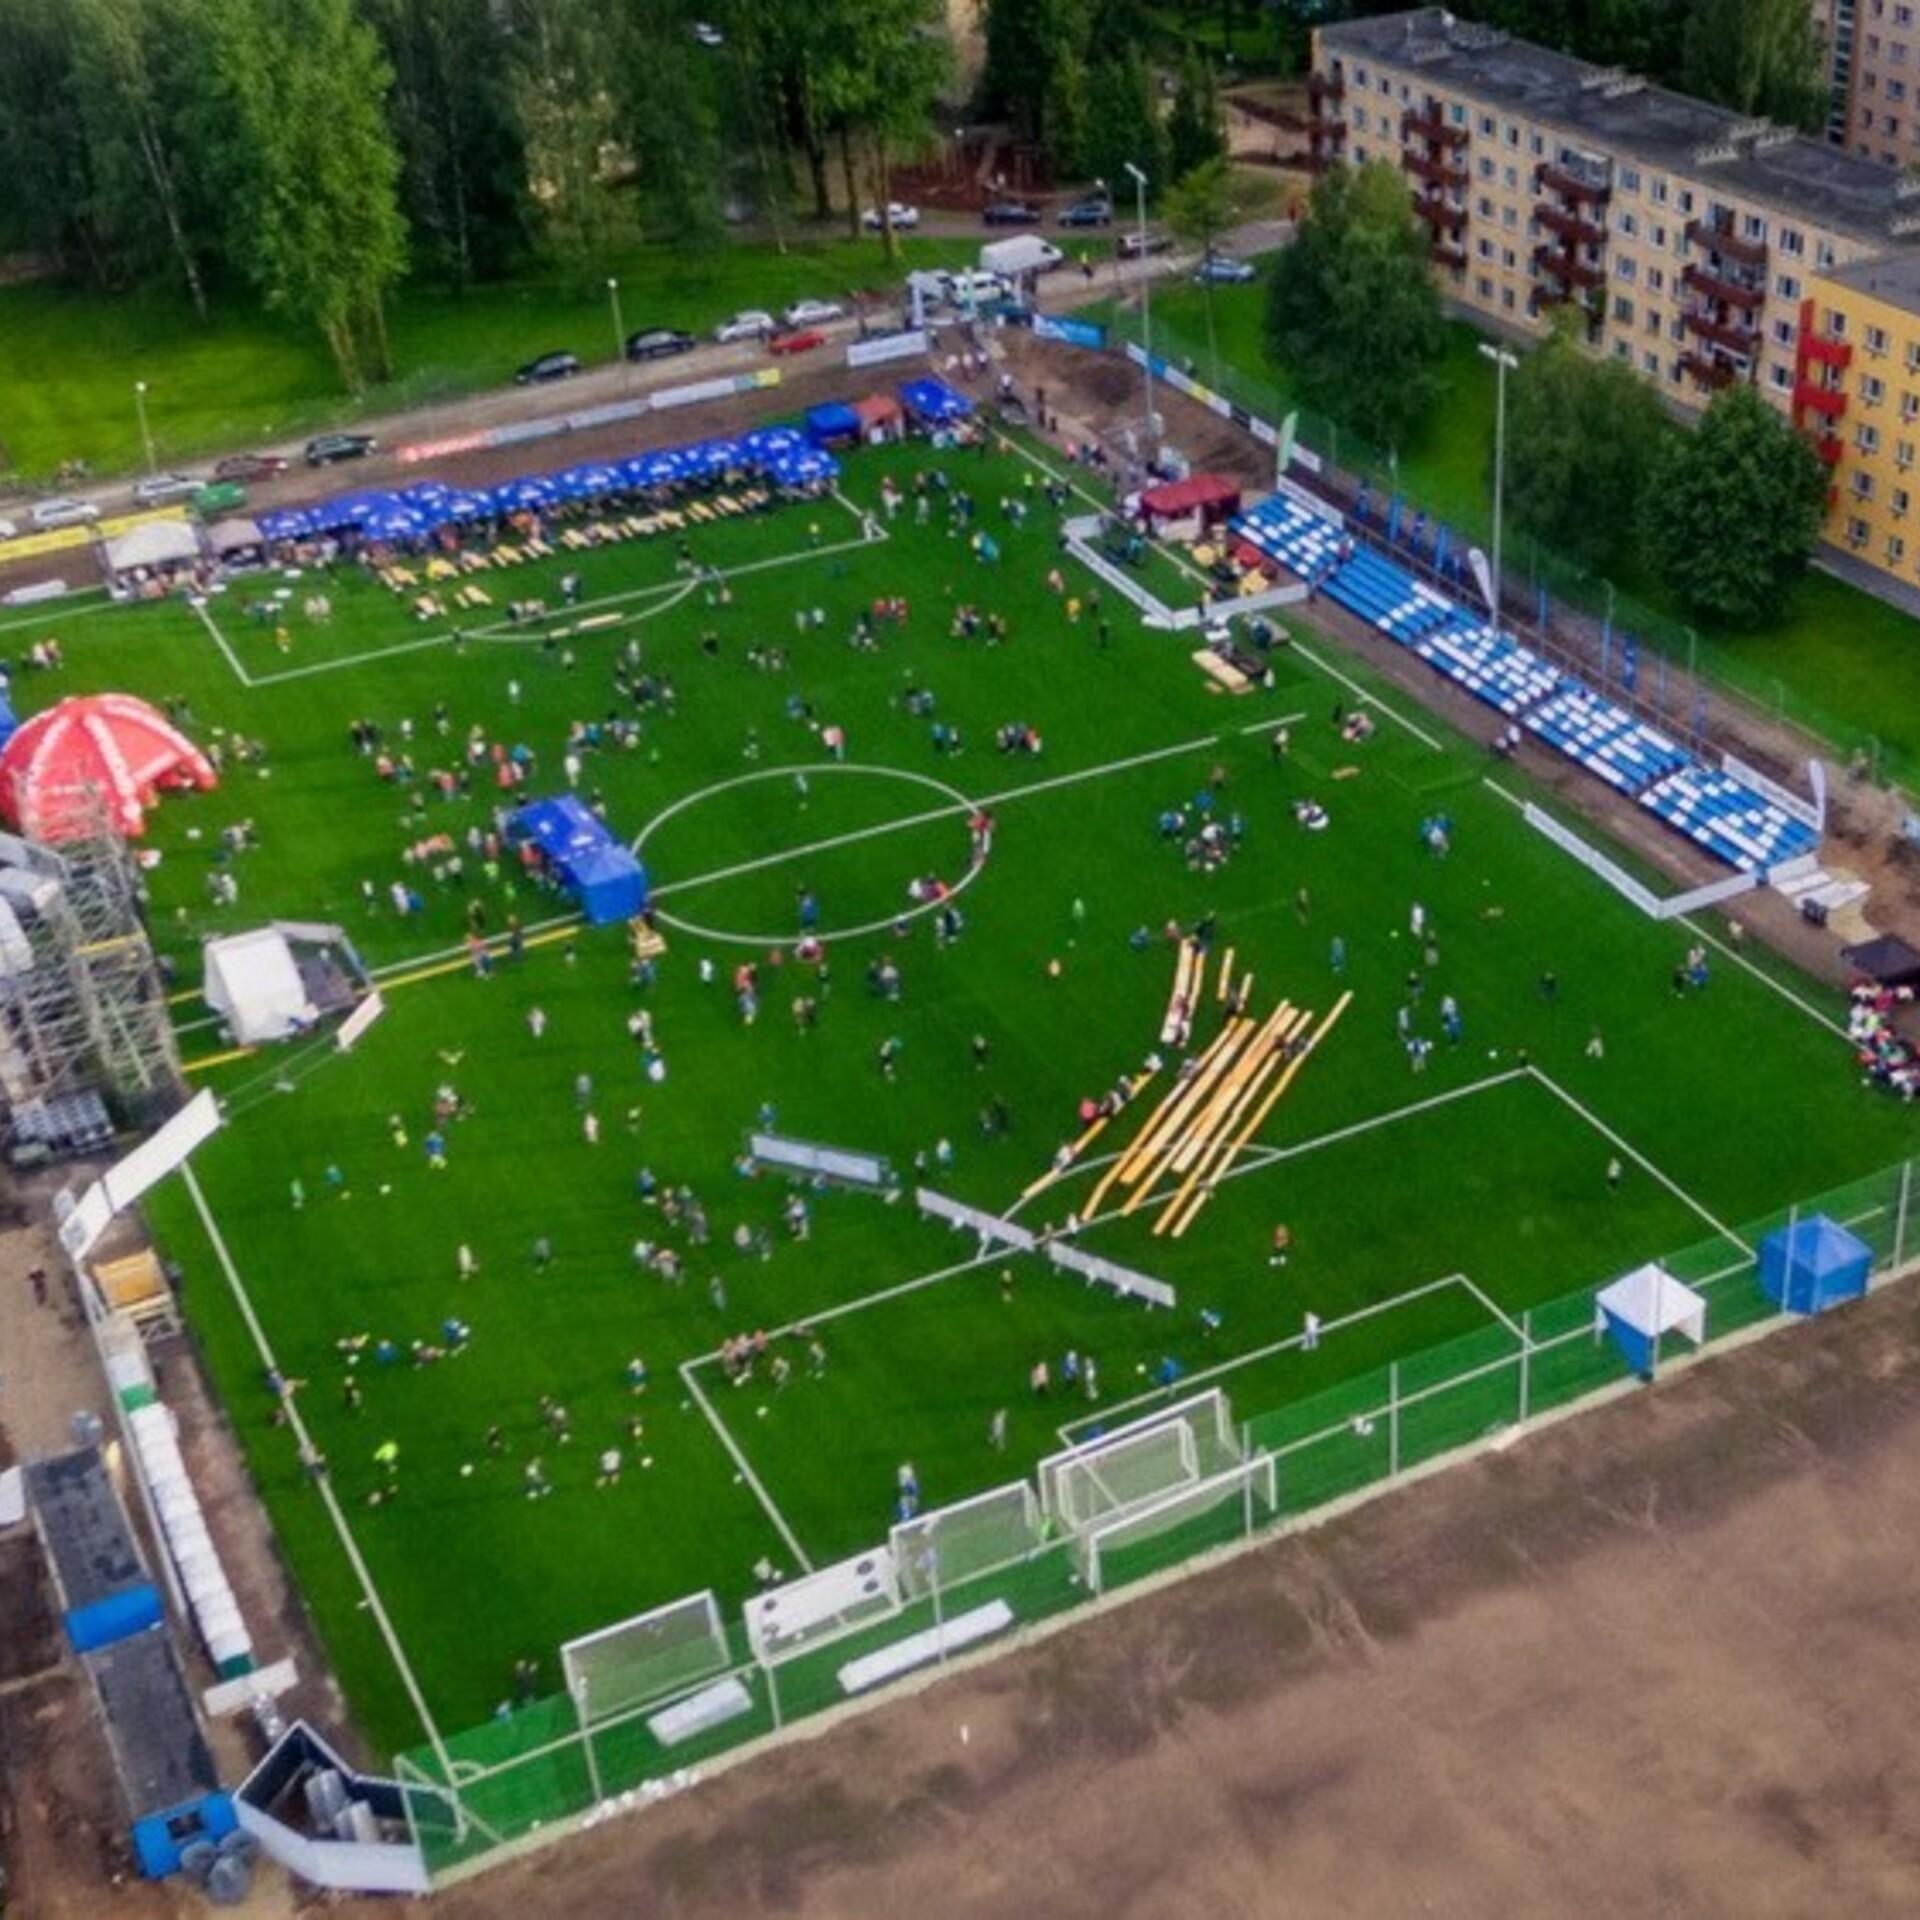 124182070c8 Sepa jalgpallikeskus saab katusega tribüüni | Jalgpall | ERR